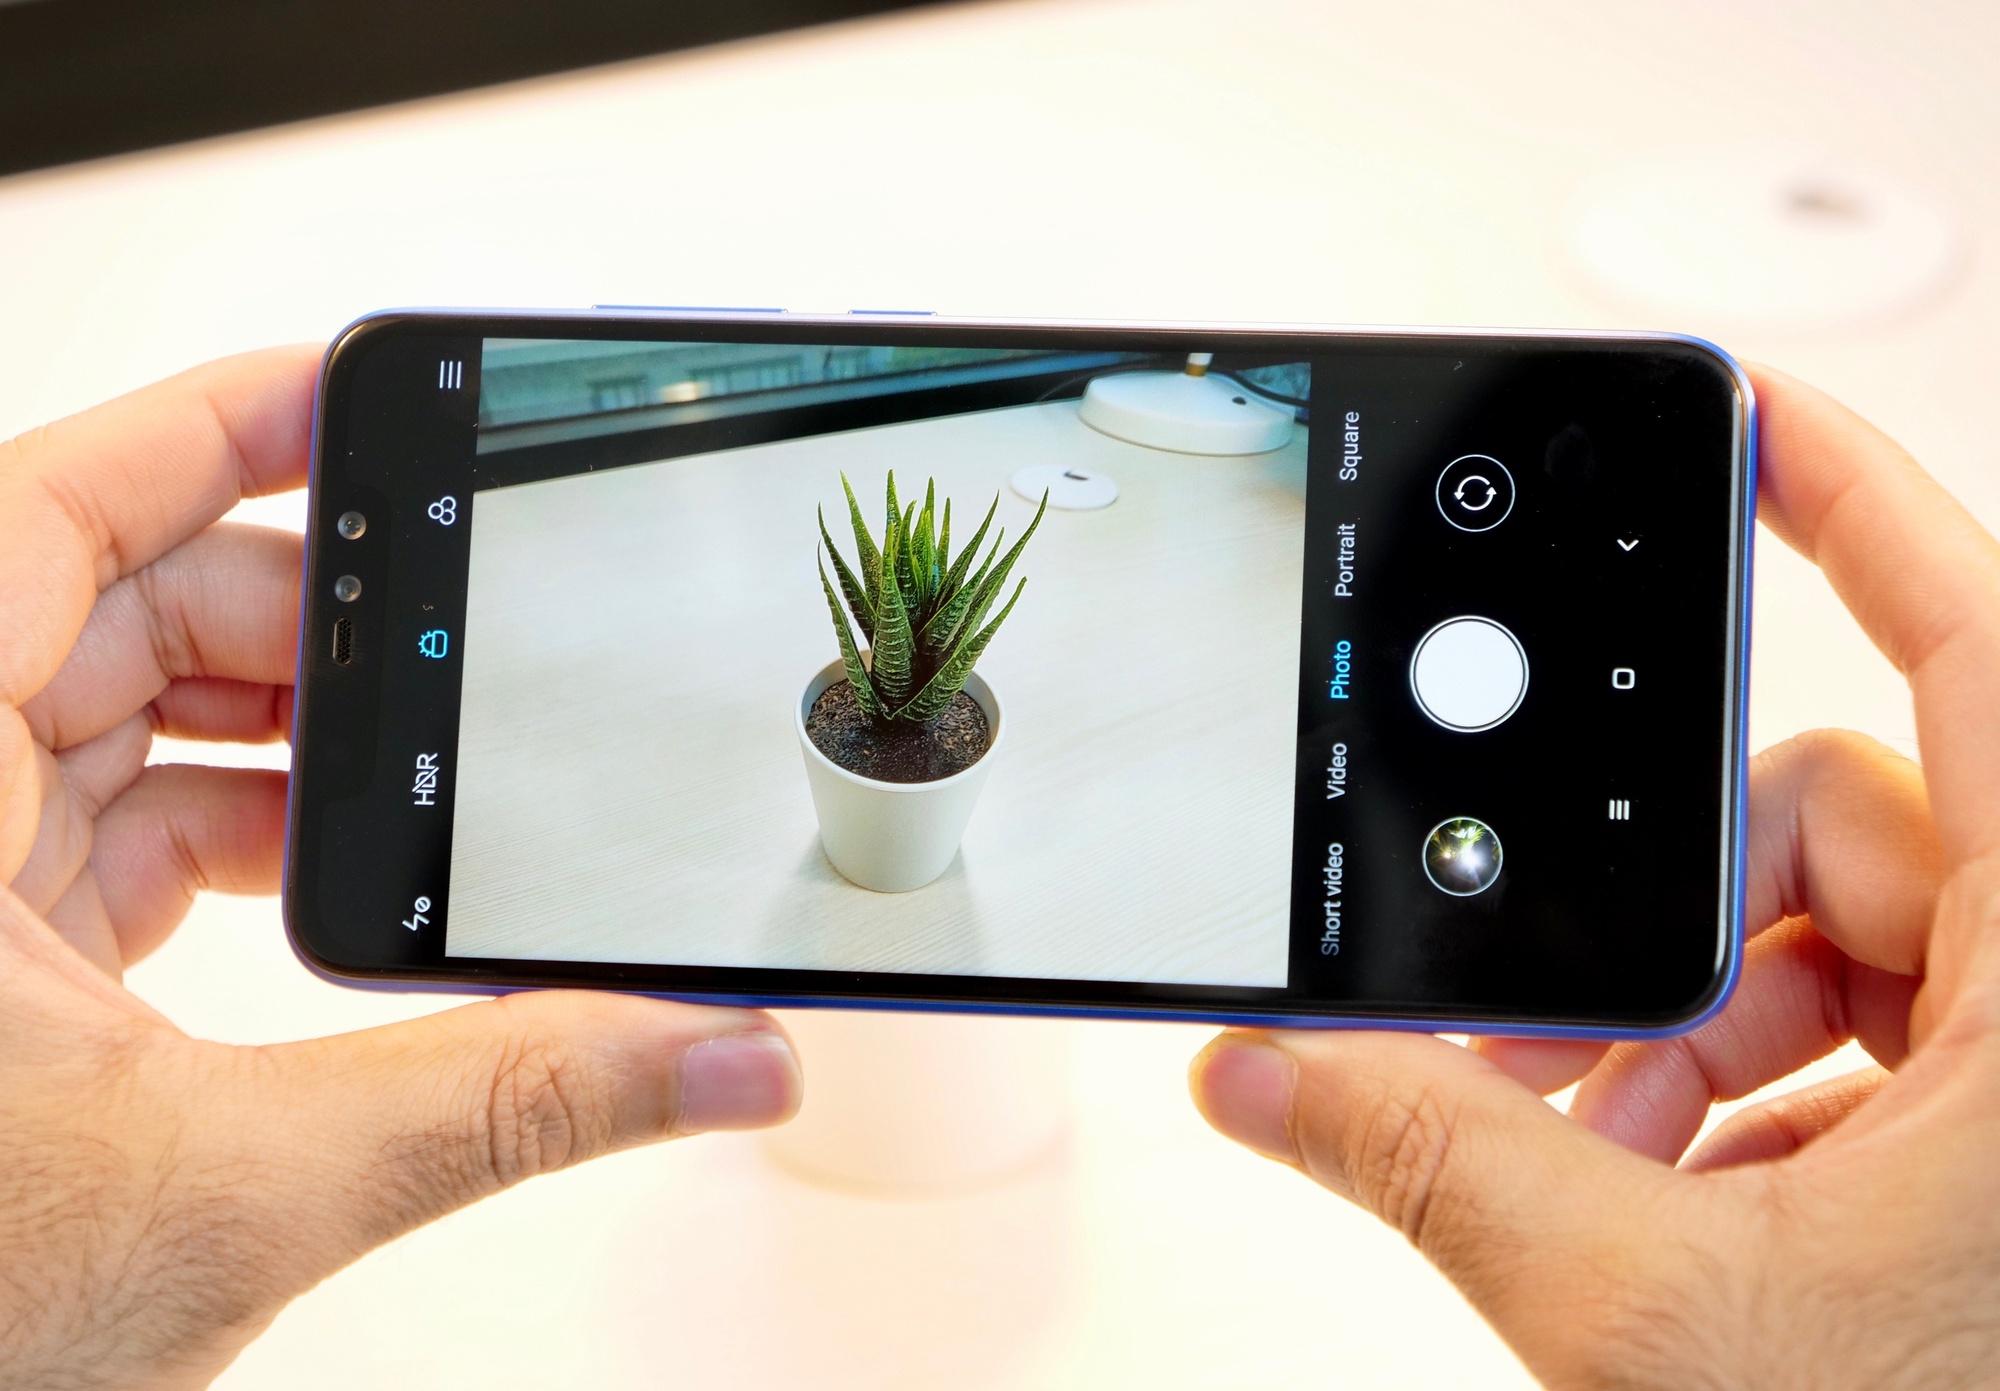 мобильный телефон с лучшей фотокамерой отражения света стеклянной